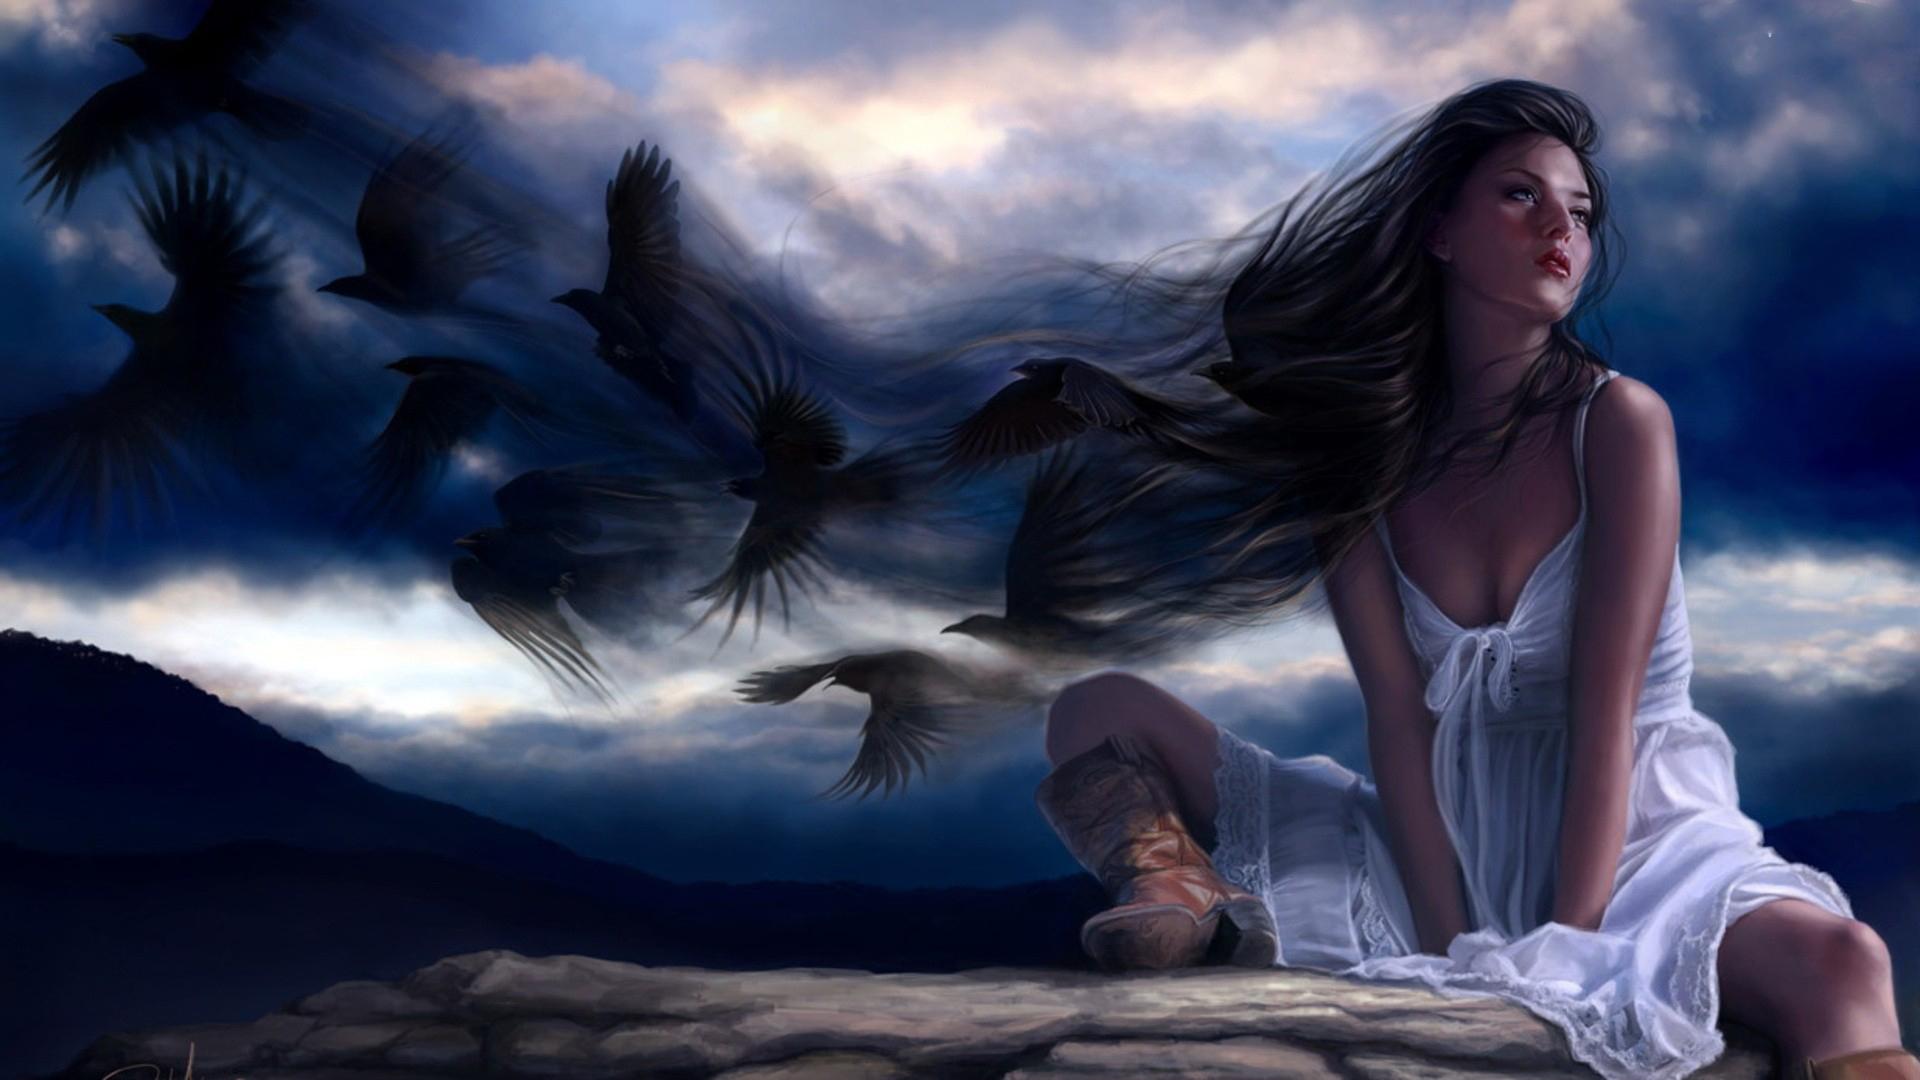 мистические картинки птица и человек железа